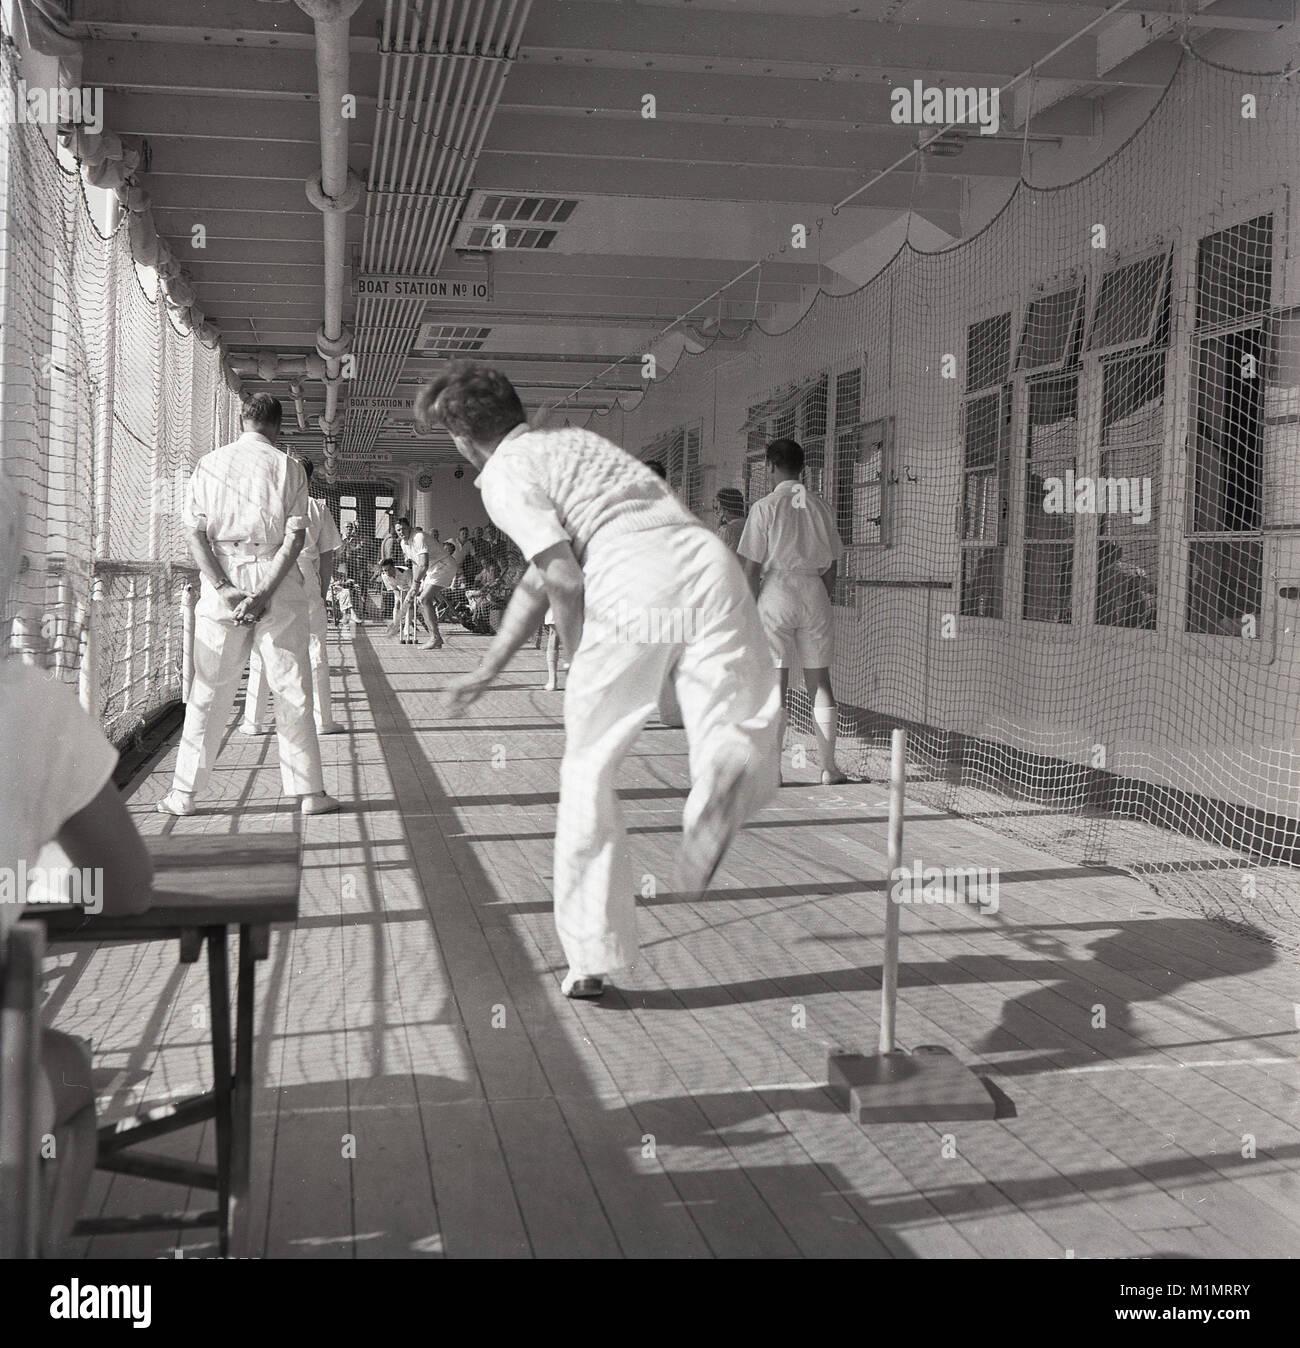 Degli anni Cinquanta, storico, maschio passeggeri ed equipaggio giocando una partita di cricket di coperta. Essi Immagini Stock